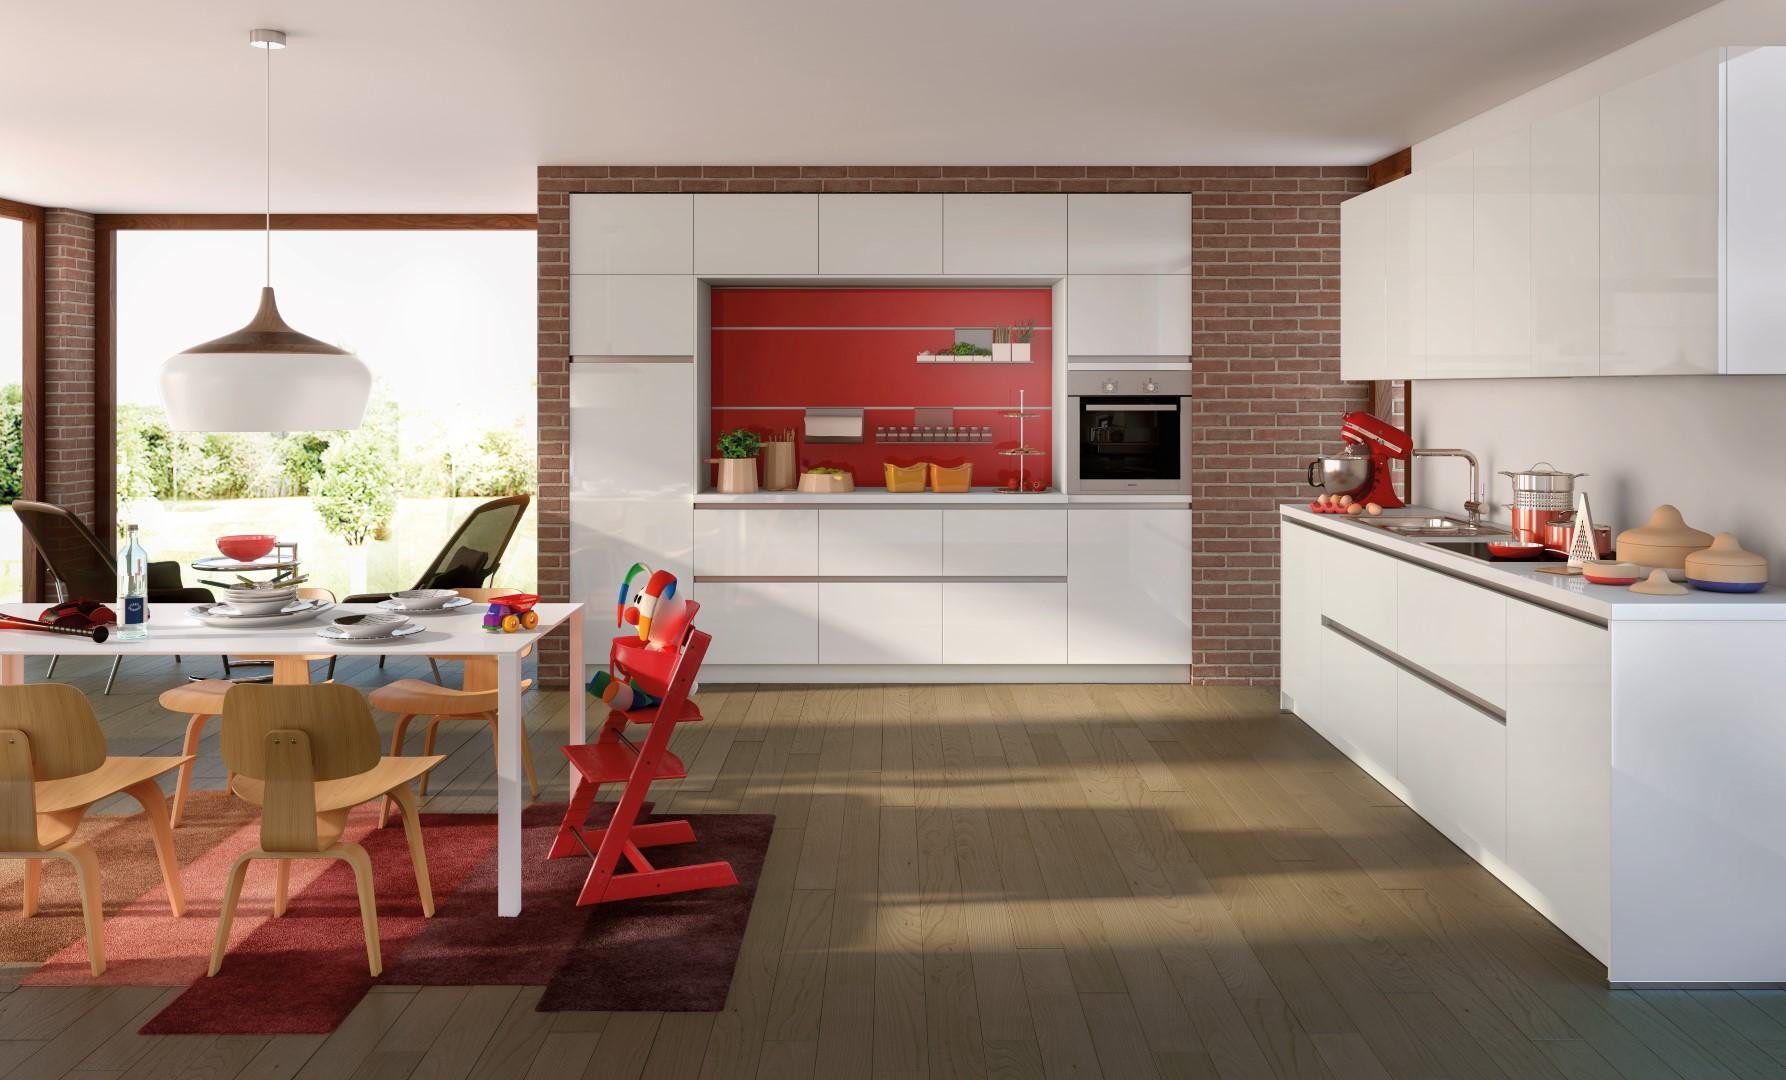 k chen nach ma m bel reck. Black Bedroom Furniture Sets. Home Design Ideas